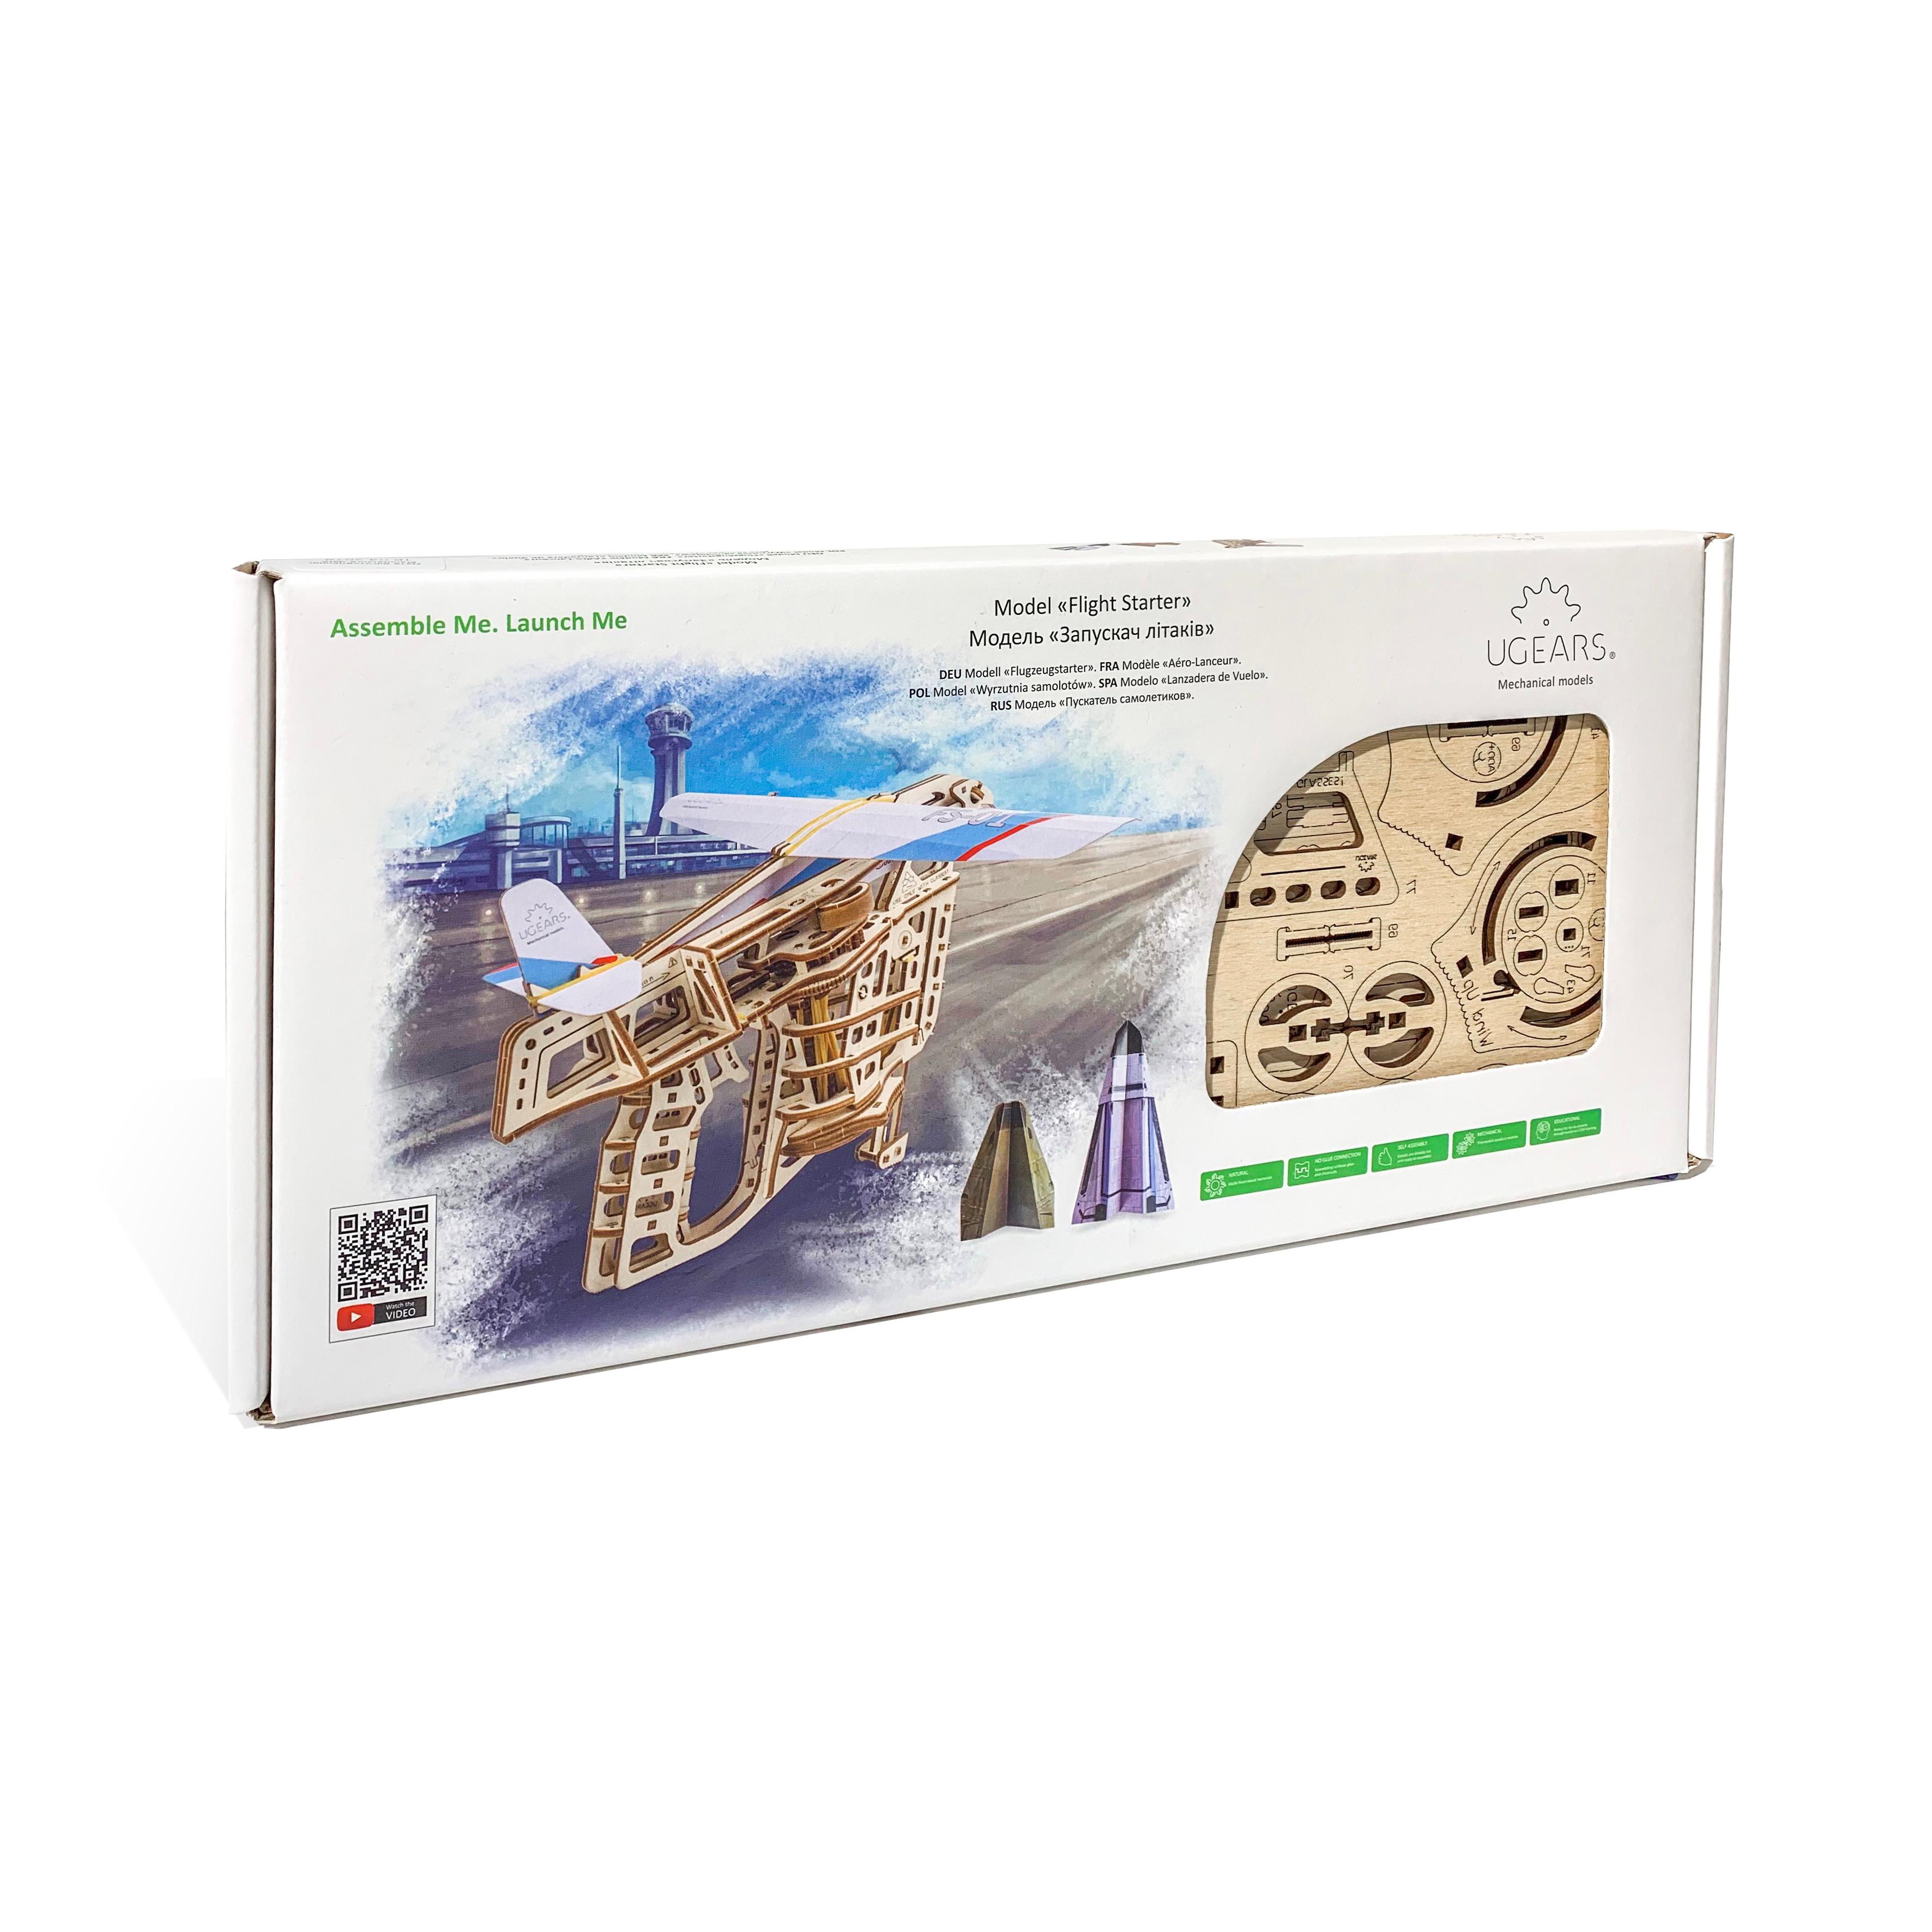 Mô hình gỗ cơ khí tự chuyển động- Ugears Flight Starter- Hàng chính hãng Ugears, nhập khẩu nguyên bộ từ EU, mô hình lắp ráp 3D, DYI